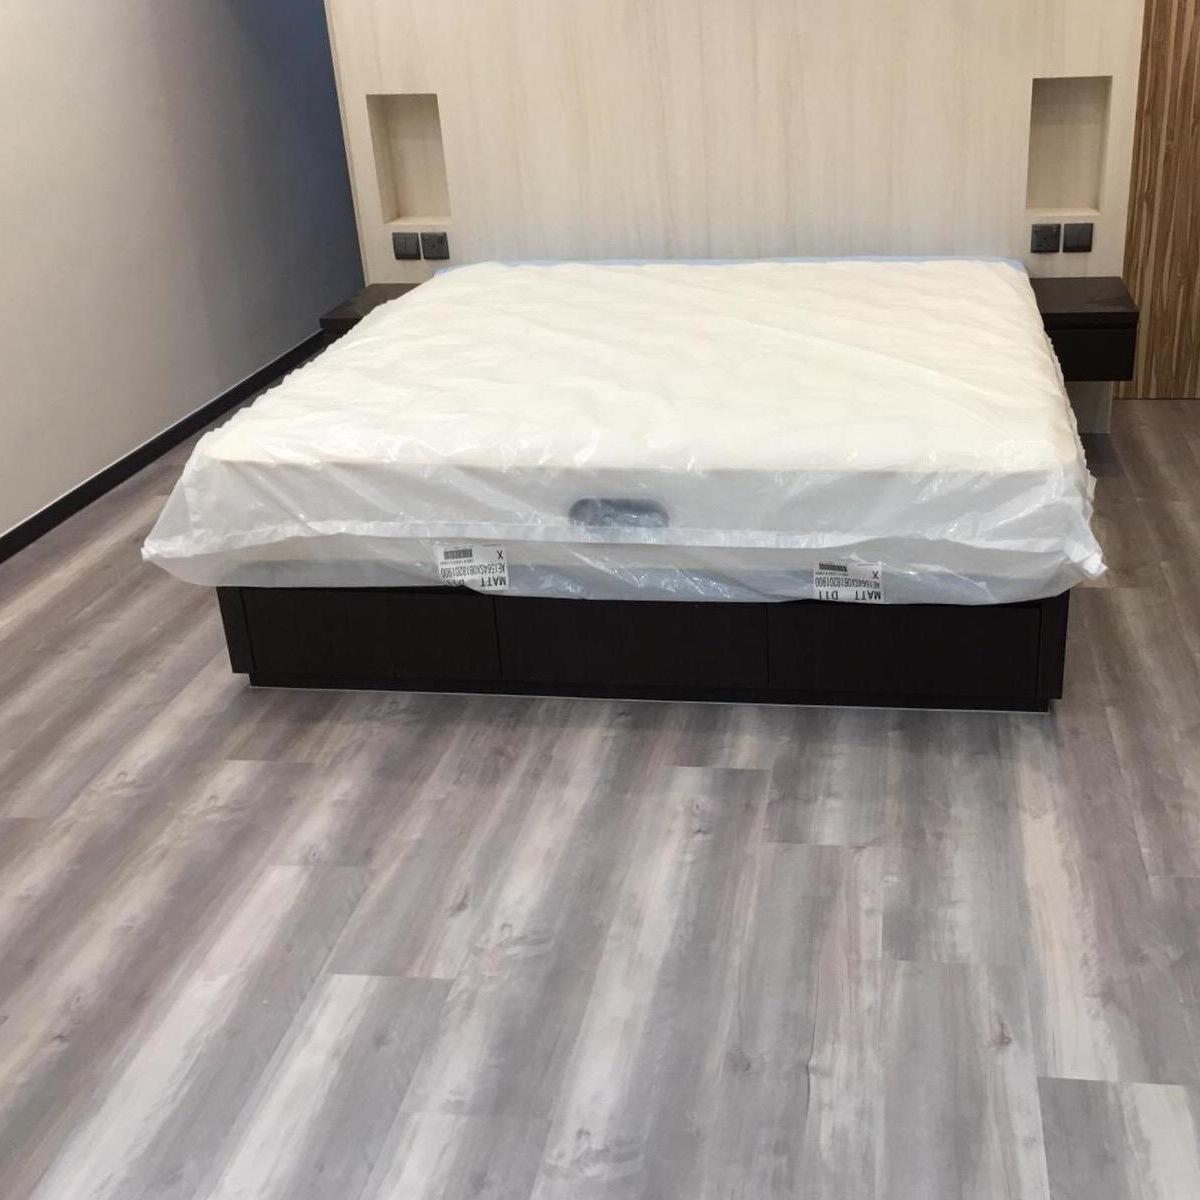 Vinyl Plank Grey Laminate Flooring